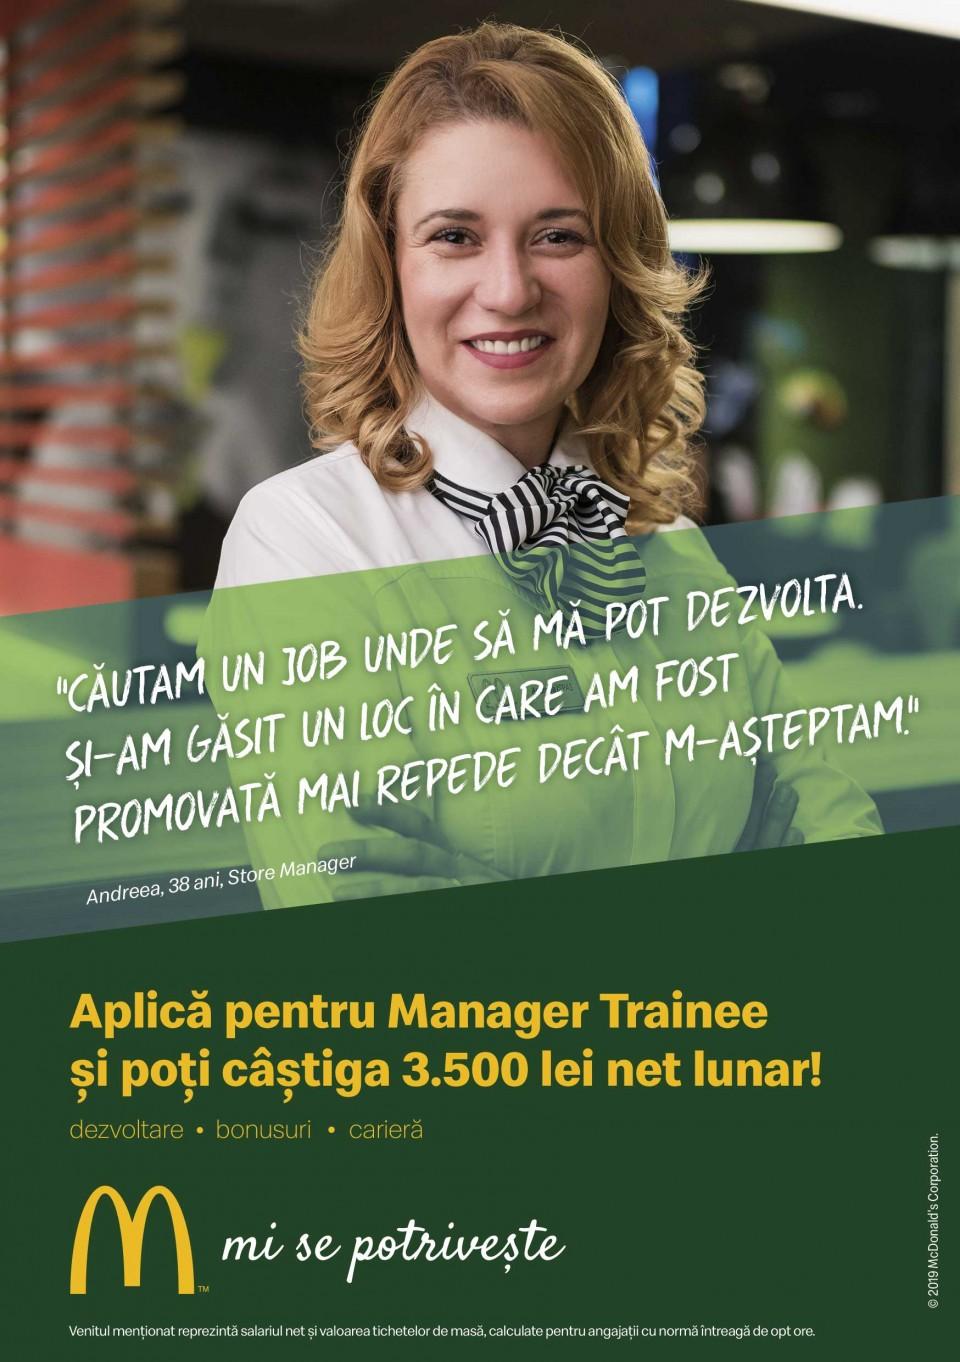 McDonald's în RomâniaCei 5.000 de angajați ai McDonald's în România știu ce înseamnă puterea unui zâmbet.  Echipa McDonald's e formată din oameni muncitori, ambițioși, pentru care interacțiunea cu alți oameni este o bucurie. În fiecare zi, angajații McDonald's întâmpină peste 210.000 de clienți. Ne dorim să aducem în echipa noastră colegi dornici să învețe și să crească în cadrul unei echipe puternice și ambițioase.  McDonald's a deschis primul restaurant în România pe 16 iunie 1995, în Unirea Shopping Center din București. A fost primul pas în construirea unei povești de succes, care se dezvoltă în fiecare an.  În 2016, McDonald's în România a devenit Premier Restaurants România, ca urmare a parteneriatului pentru dezvoltare încheiat cu Premier Capital, compania malteză care coordonează operațiunile McDonald's din șase țări europene: Estonia, Grecia, Letonia, Lituania, Malta și România.  Astăzi, McDonald's are 78 de restaurante în 23 de orașe din România și este liderul pieței de restaurante cu servire rapidă. În același timp, lanțul McCafé, are în prezent 33 de cafenele în România și crește de la an la an.  http://mcdonalds.ro